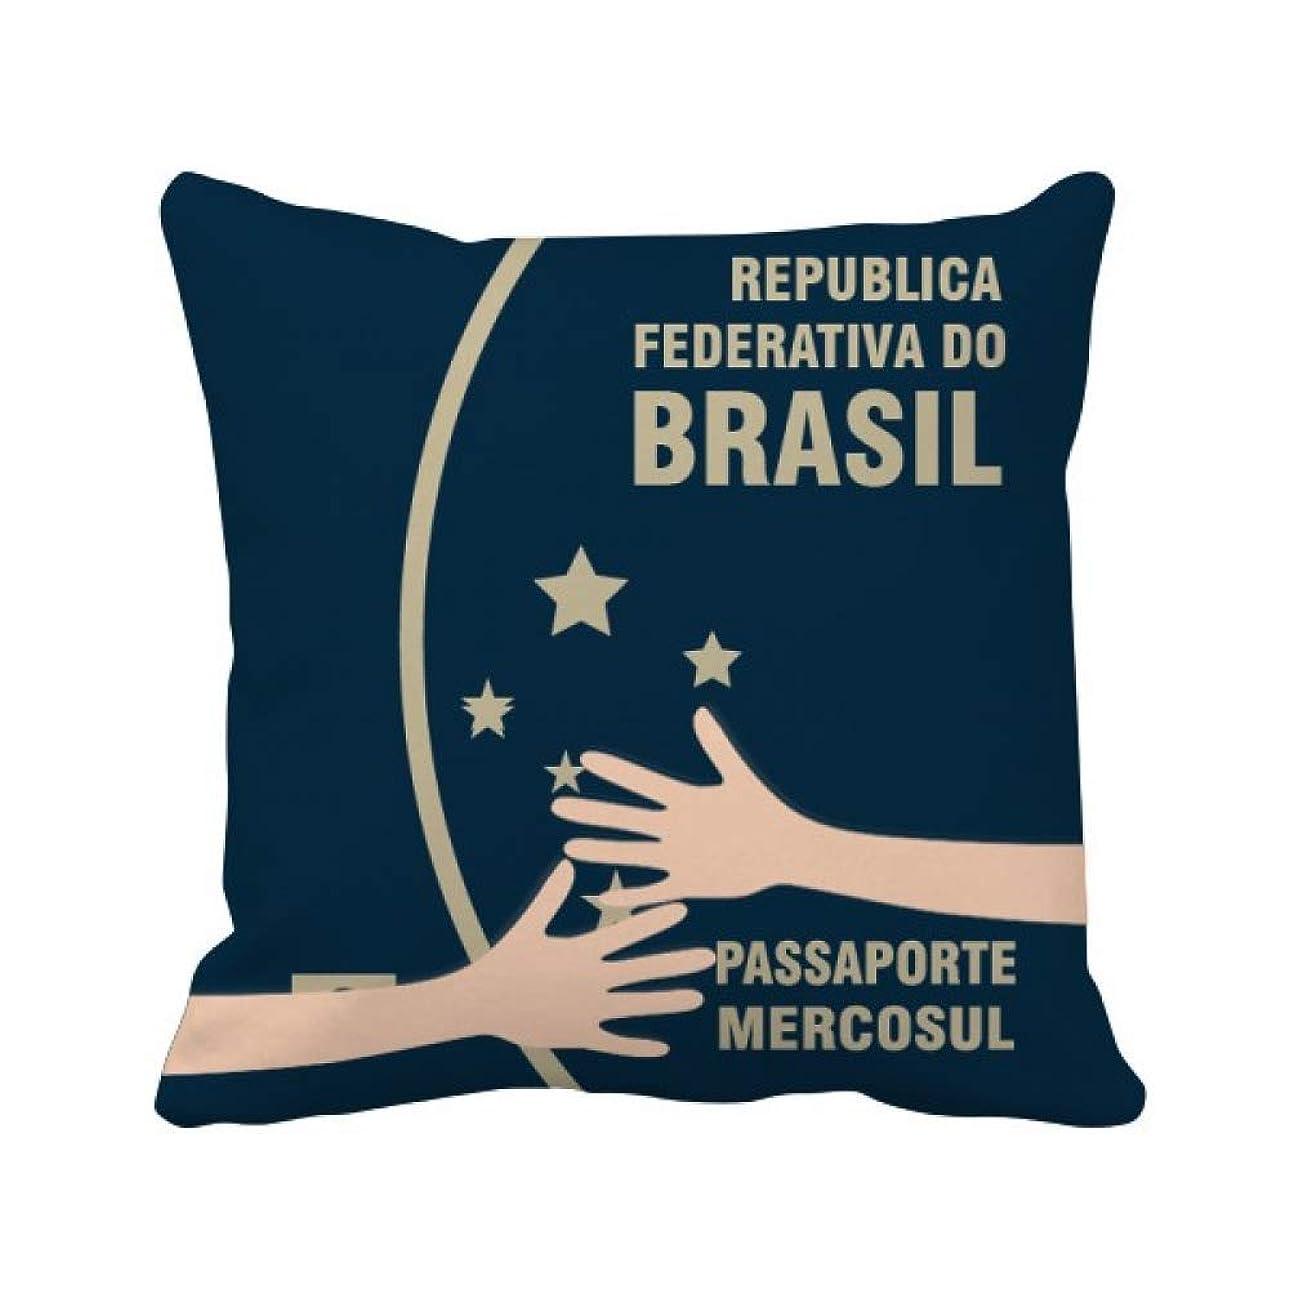 スリチンモイ忘れられない瞳観光国ブラジル 枕カバーを放り投げてハグスクエア 50cm x 50cm